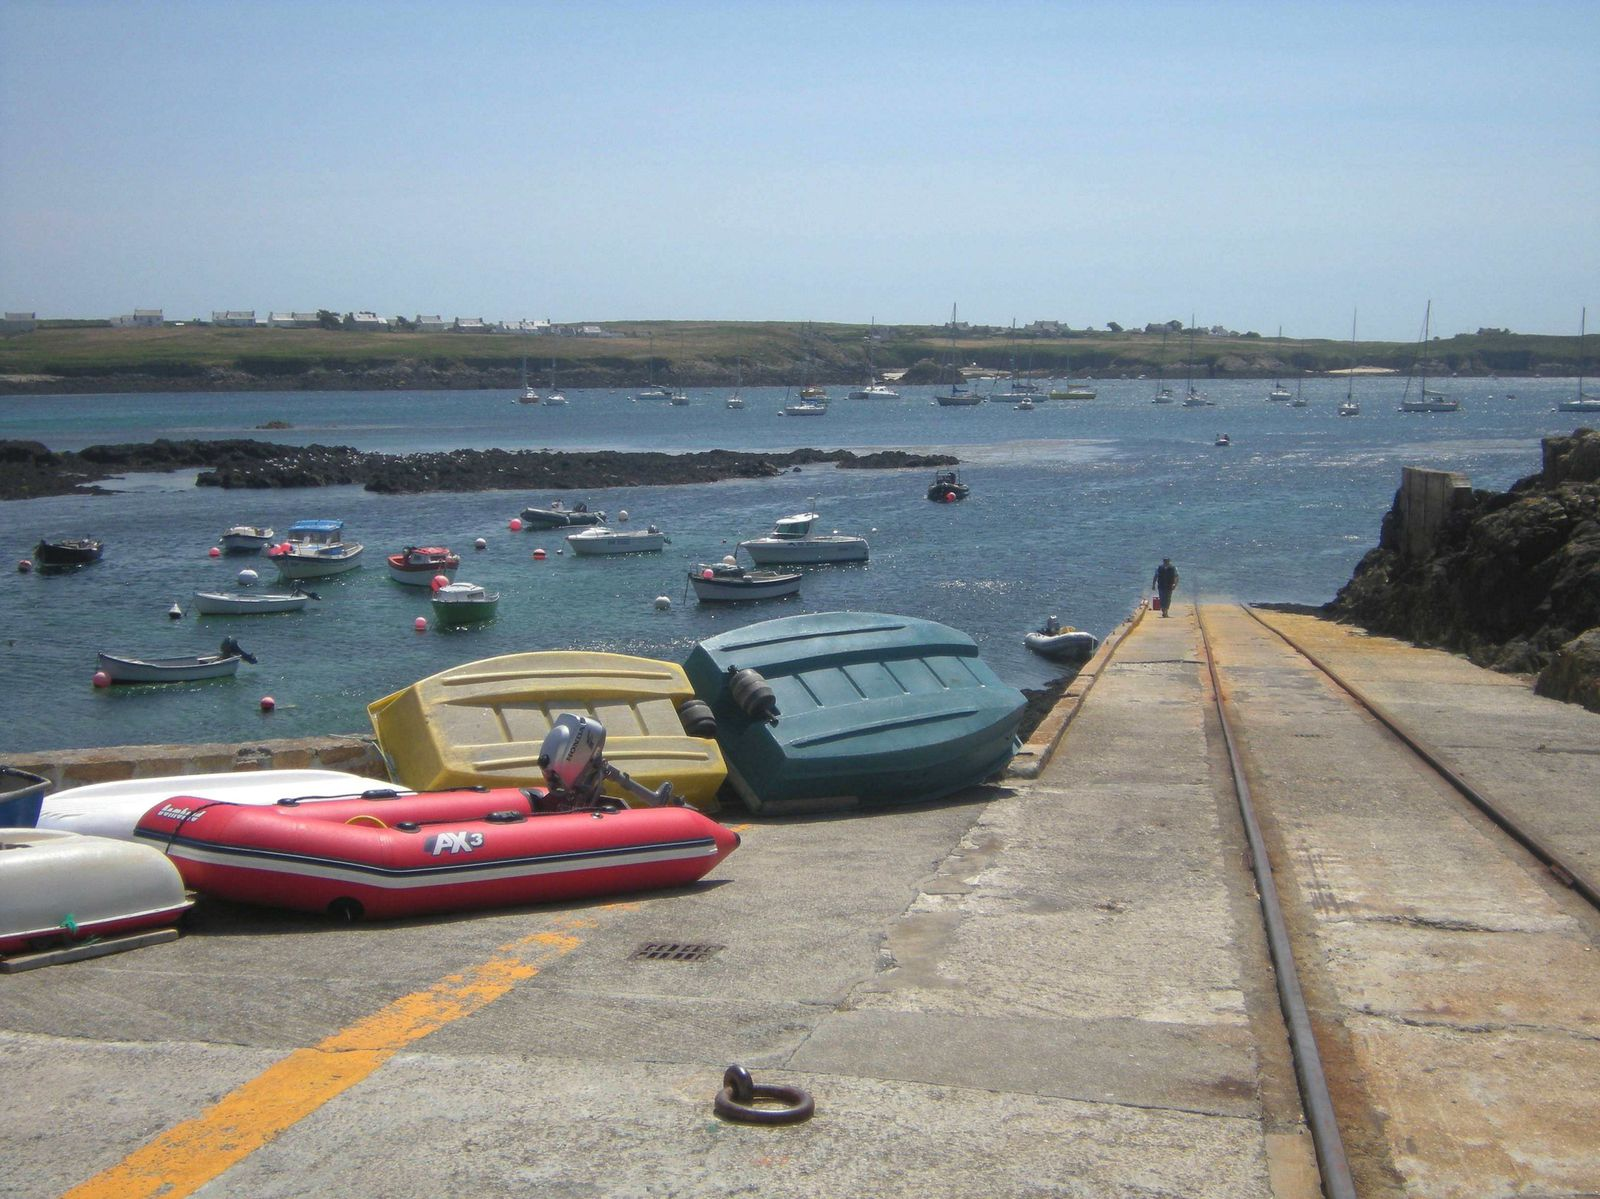 Les annexes sont mises en sécurité en haut de la rampe de lancement du canot de sauvetage.